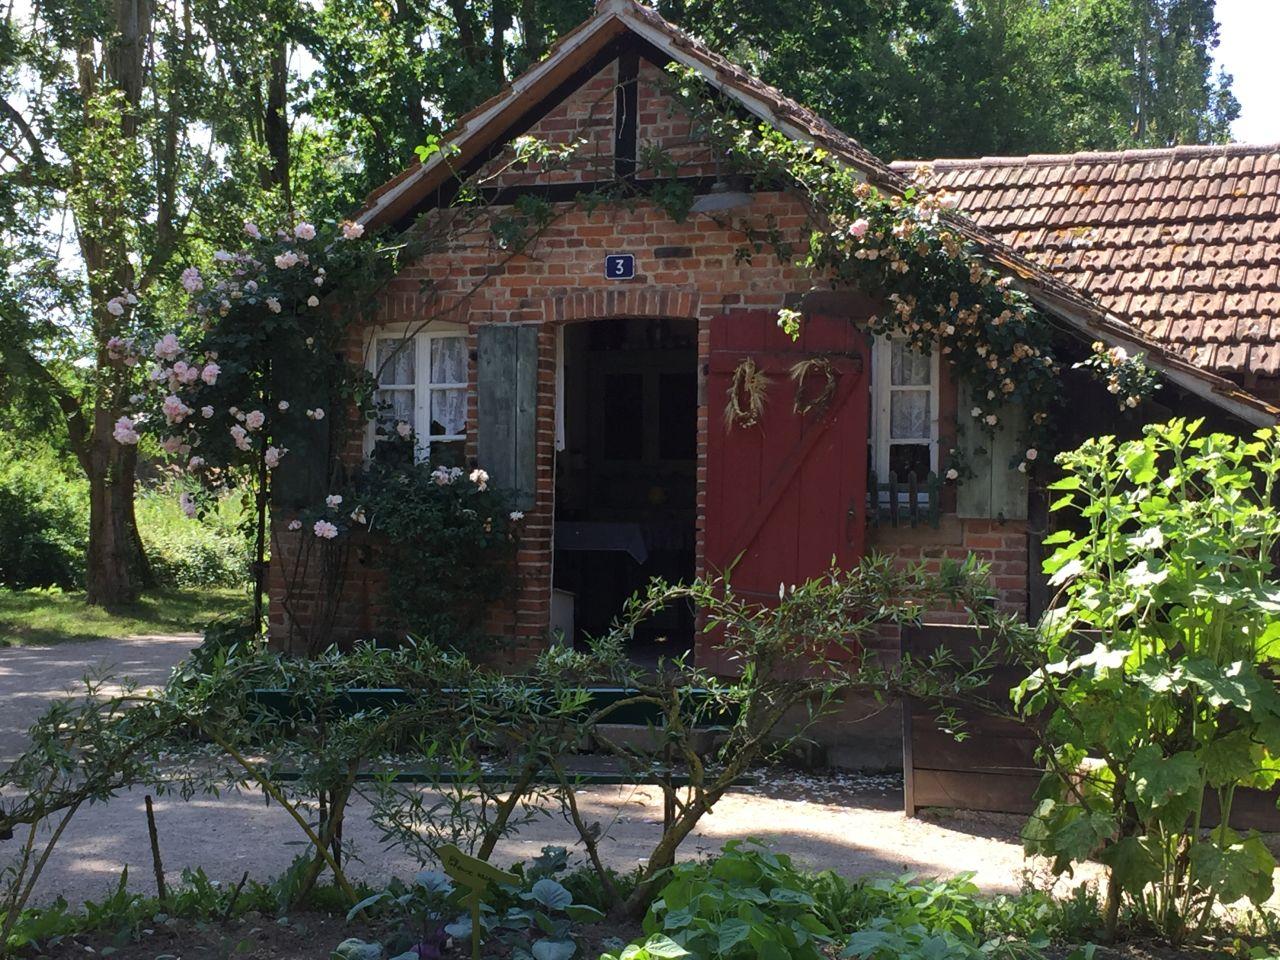 Frontansicht des Arbeiterhauses Monswiller im Écomusée d'Alsace. Ein kleines Backsteingebaeude mit roter Tuere und gruenen Fensterlaeden., davor ein Gemuesegarten